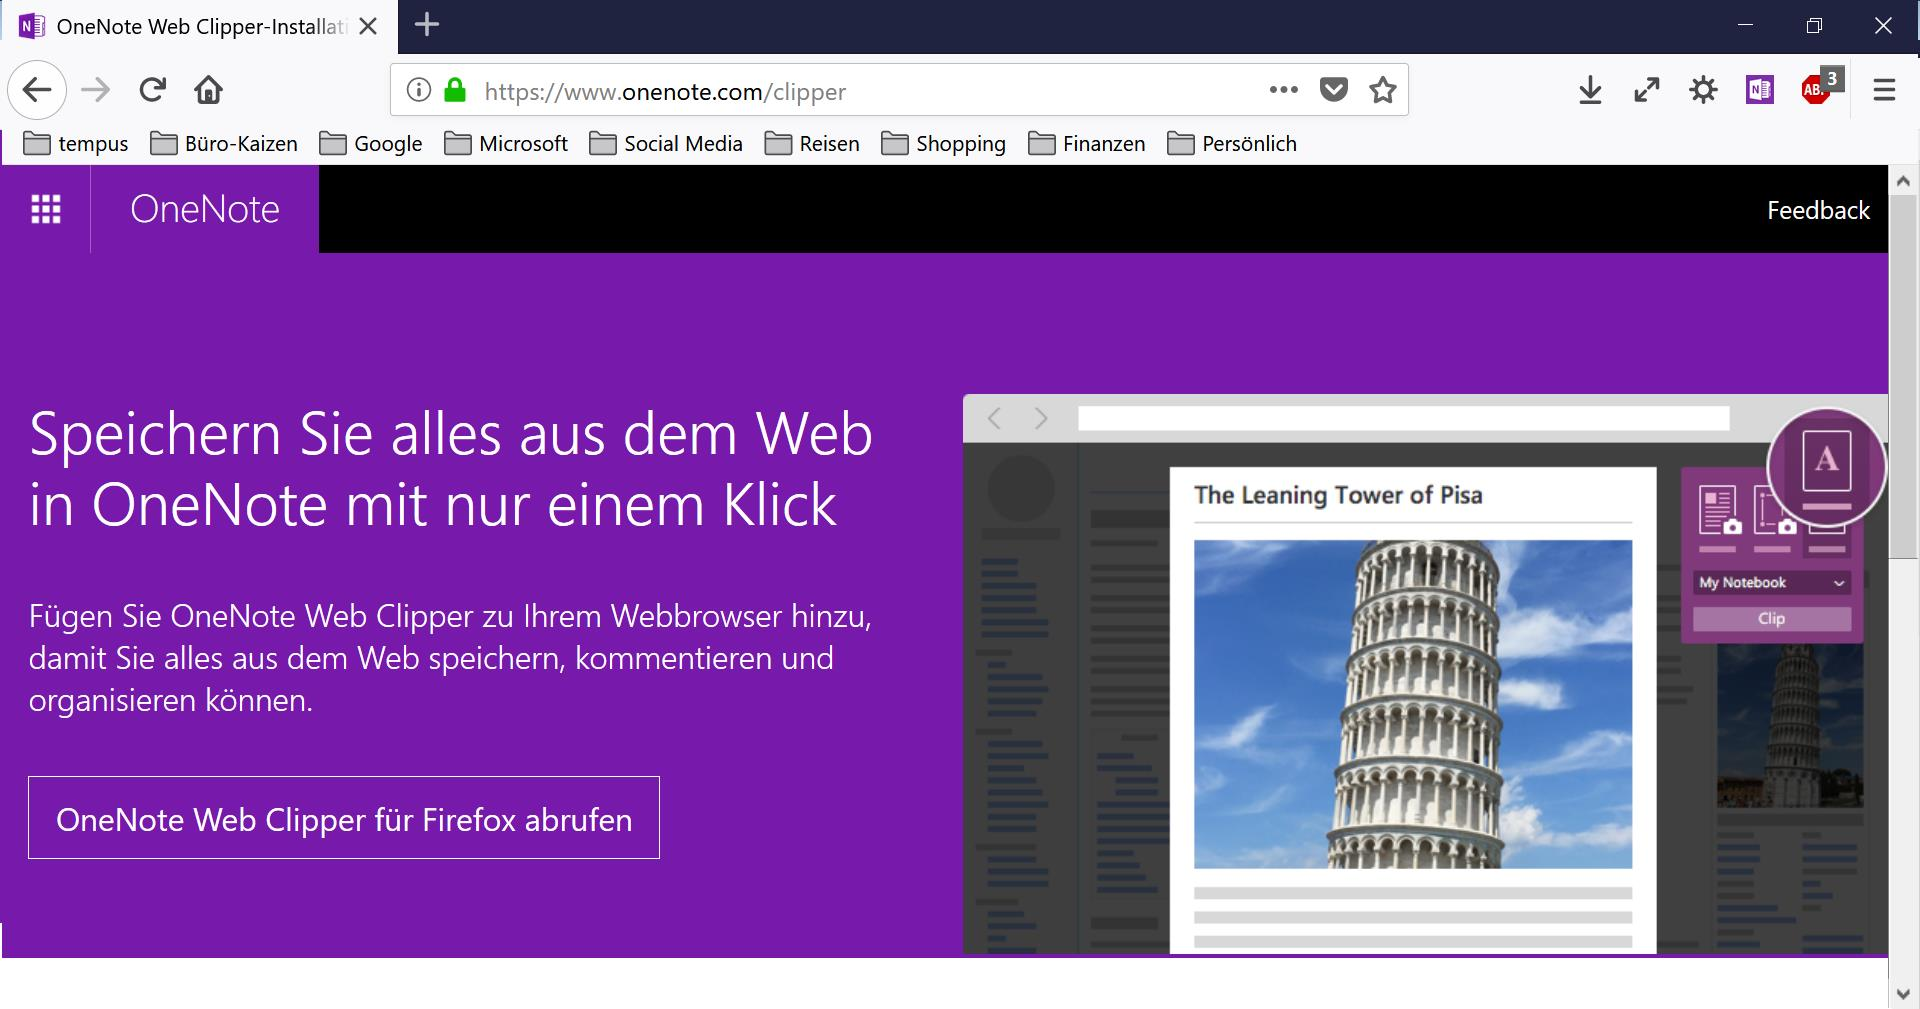 OneNote-Webclipper: Für eine extrem schnelle Dokumentation